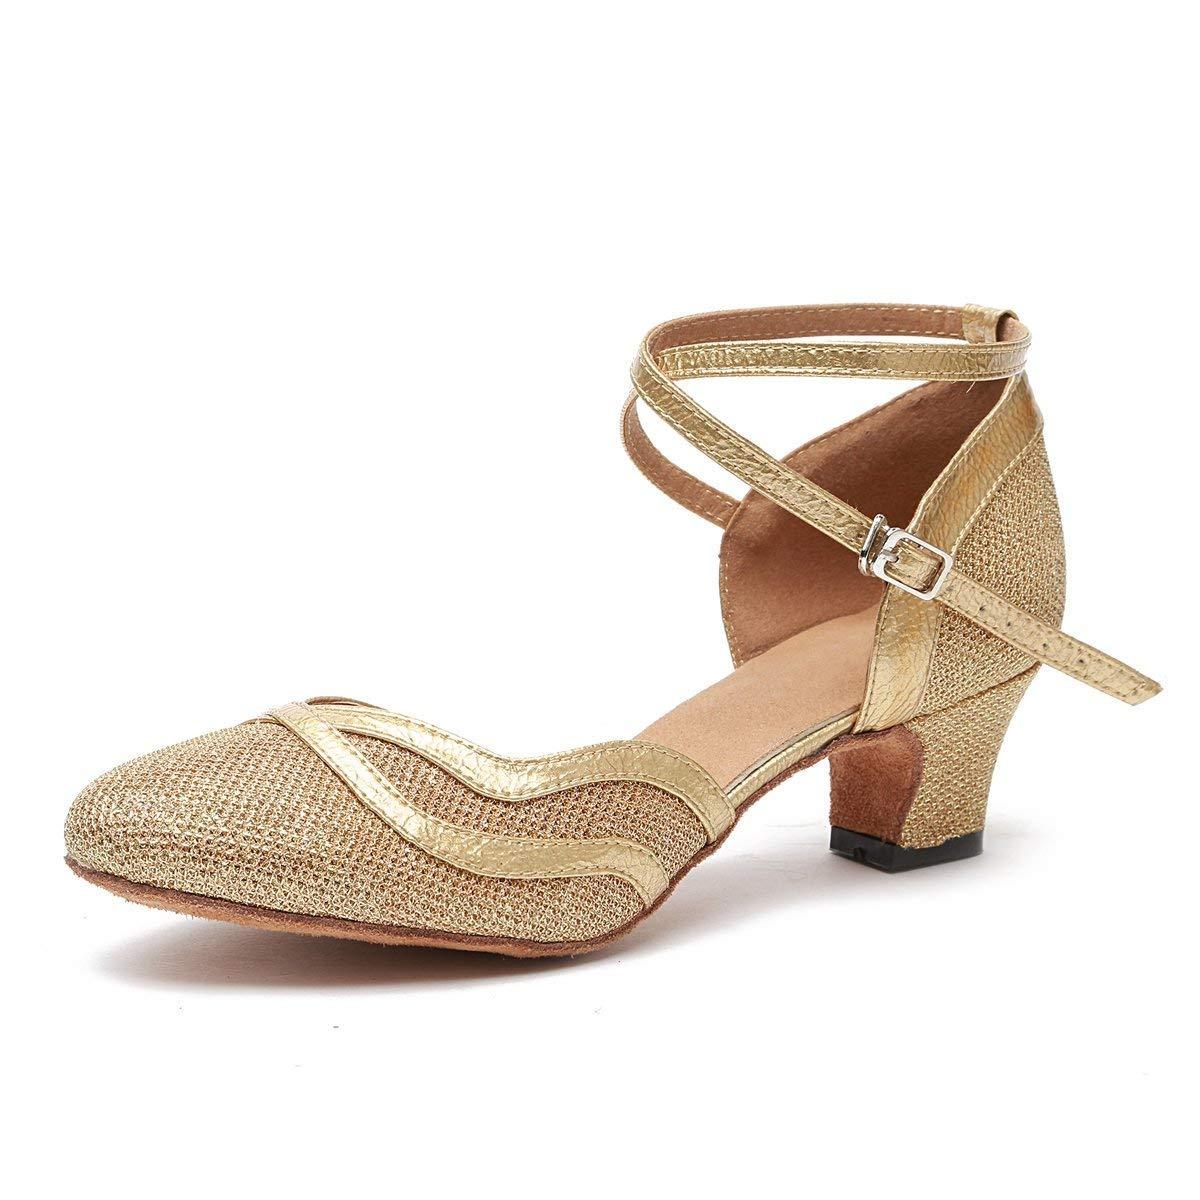 Willsego Frauen Glitter Ballroom Latin Tanzschuhe Party Hochzeit Heels (Farbe   Gold-5cm Heel Größe   4 UK)